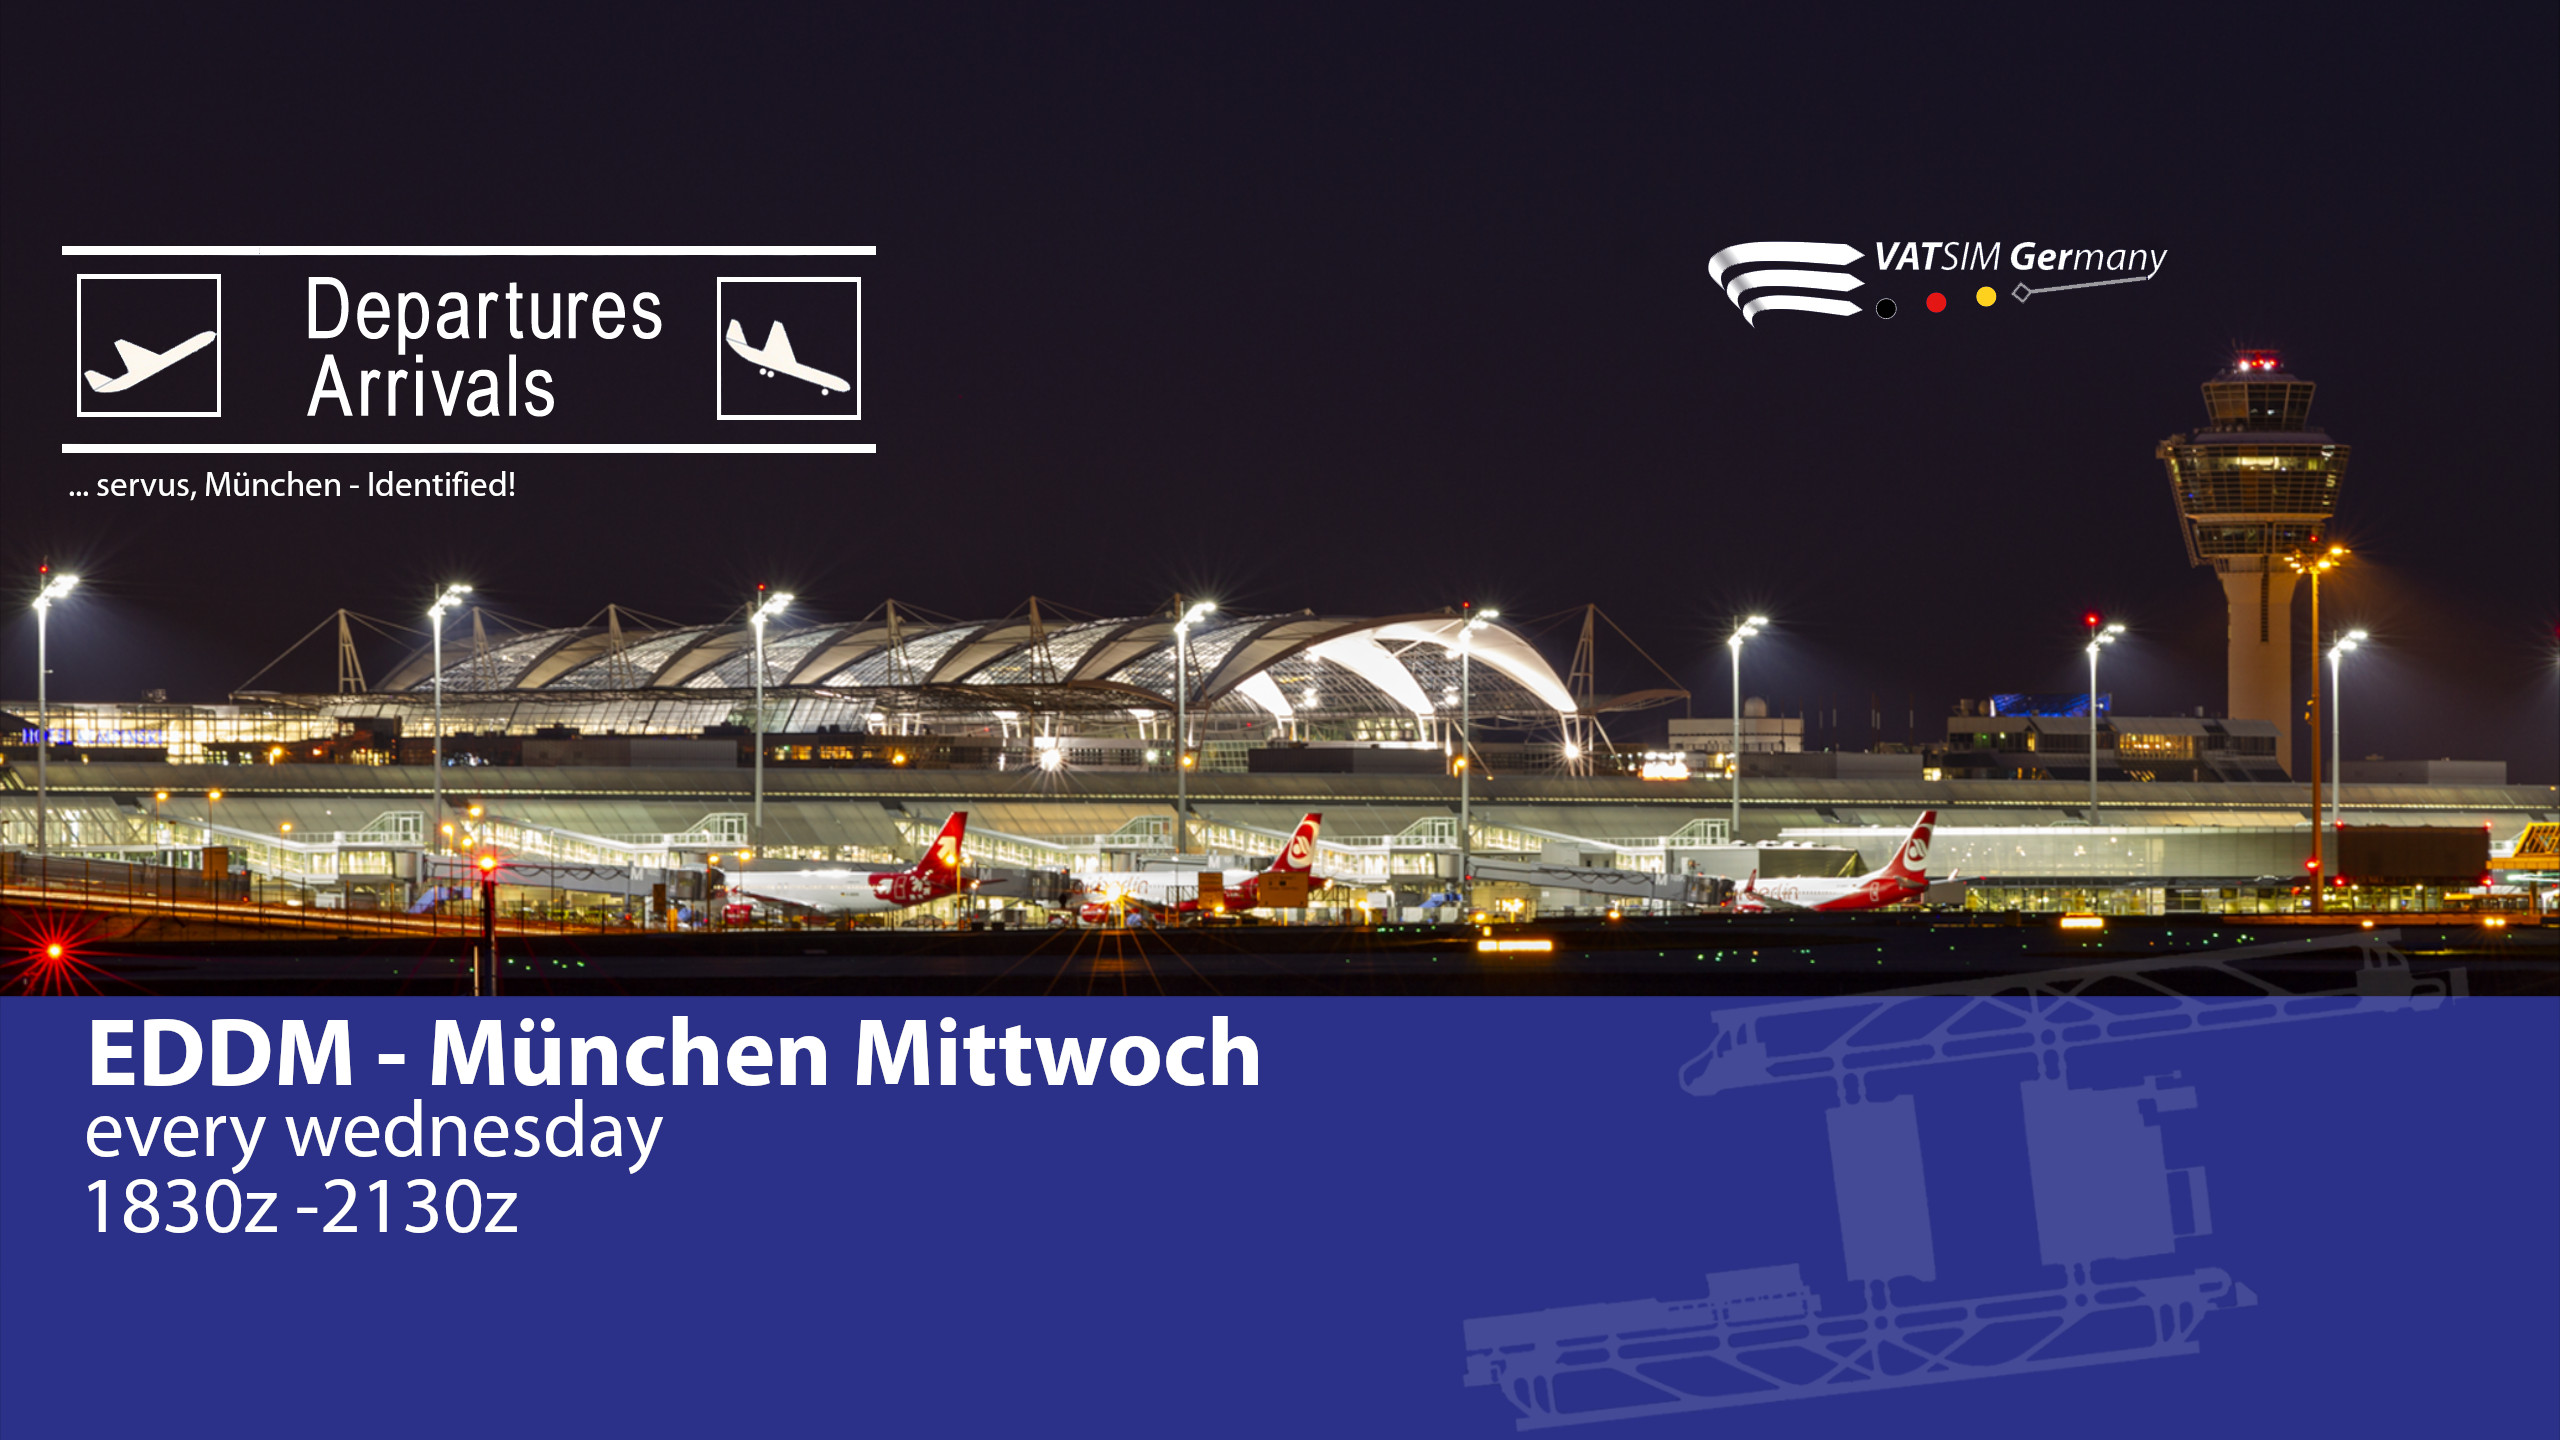 EDDM - München Mittwoch - Virtual Norwegian Events